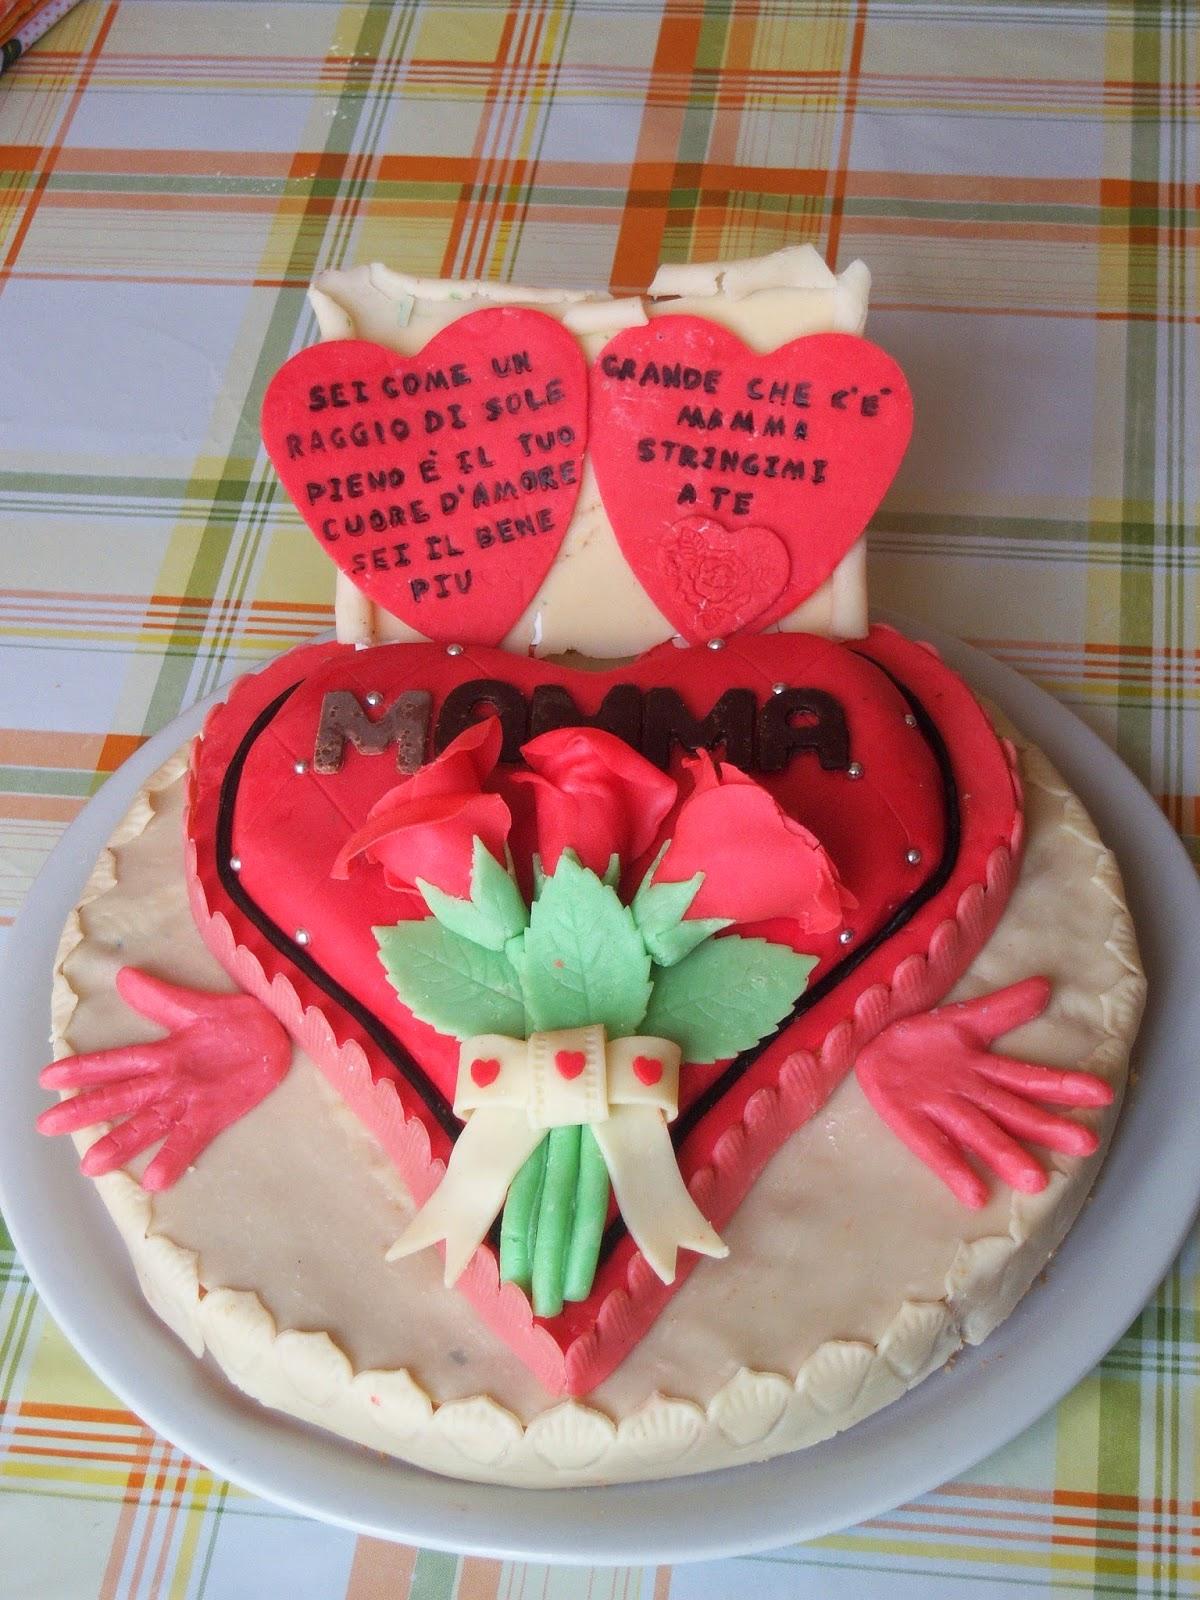 Ricette Facili E Gustose Torta Dolce Cuore Per La Festa Della Mamma